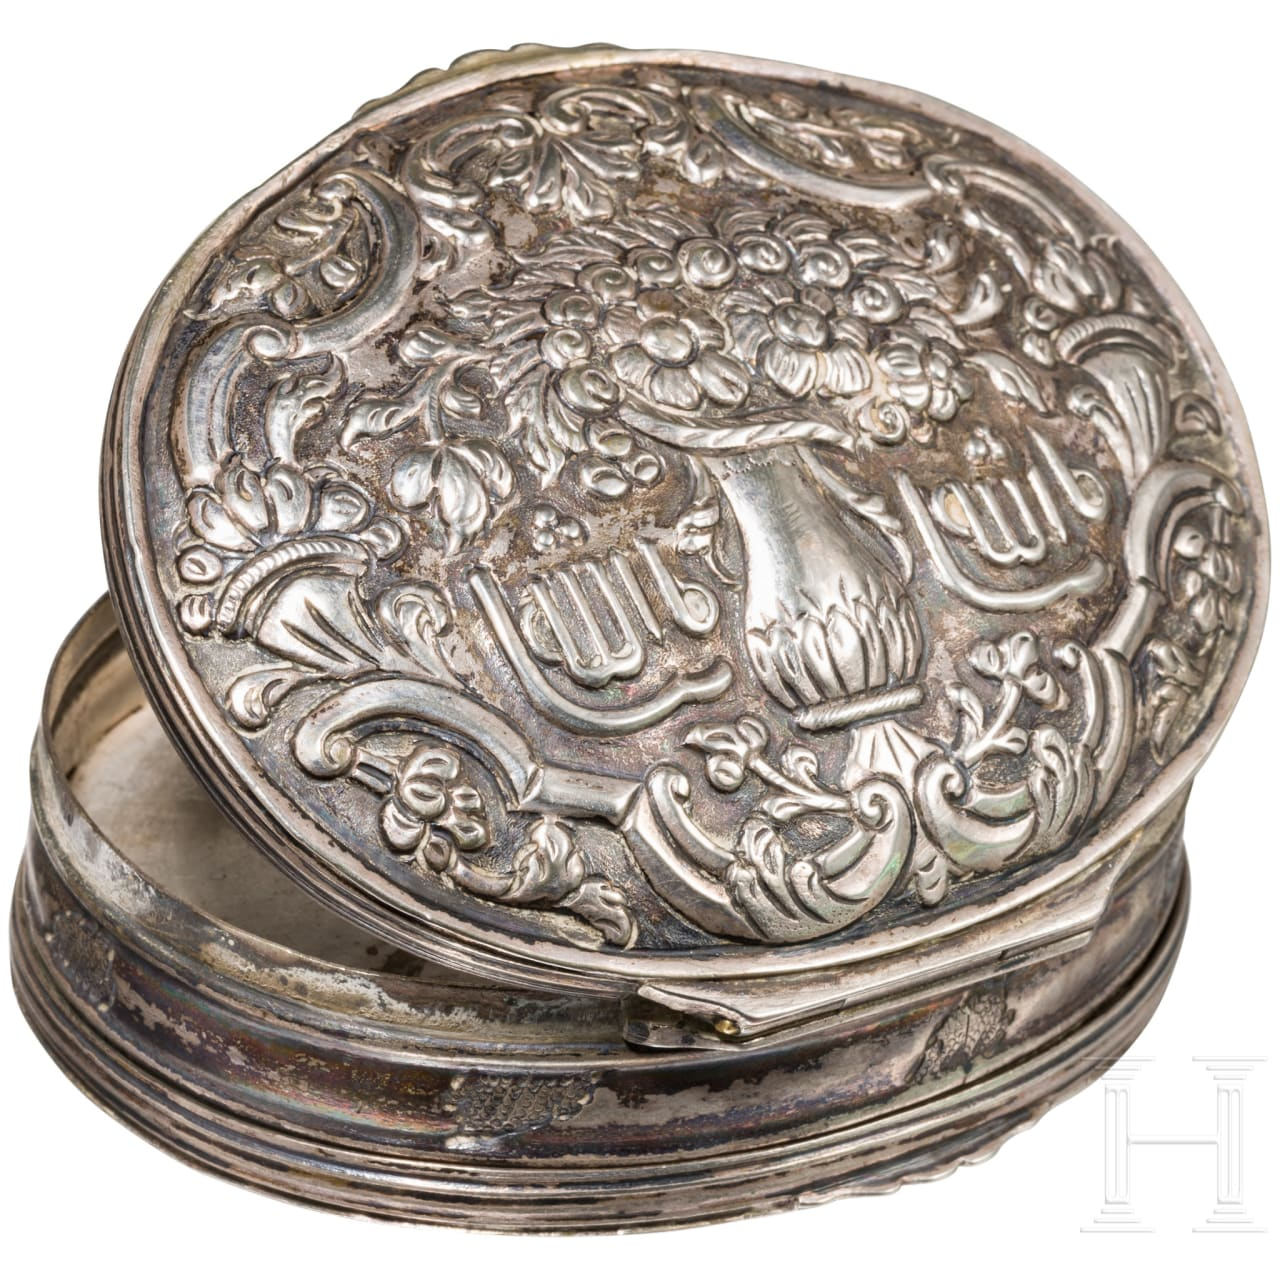 Silberdose, osmanisch, 19. Jhdt.